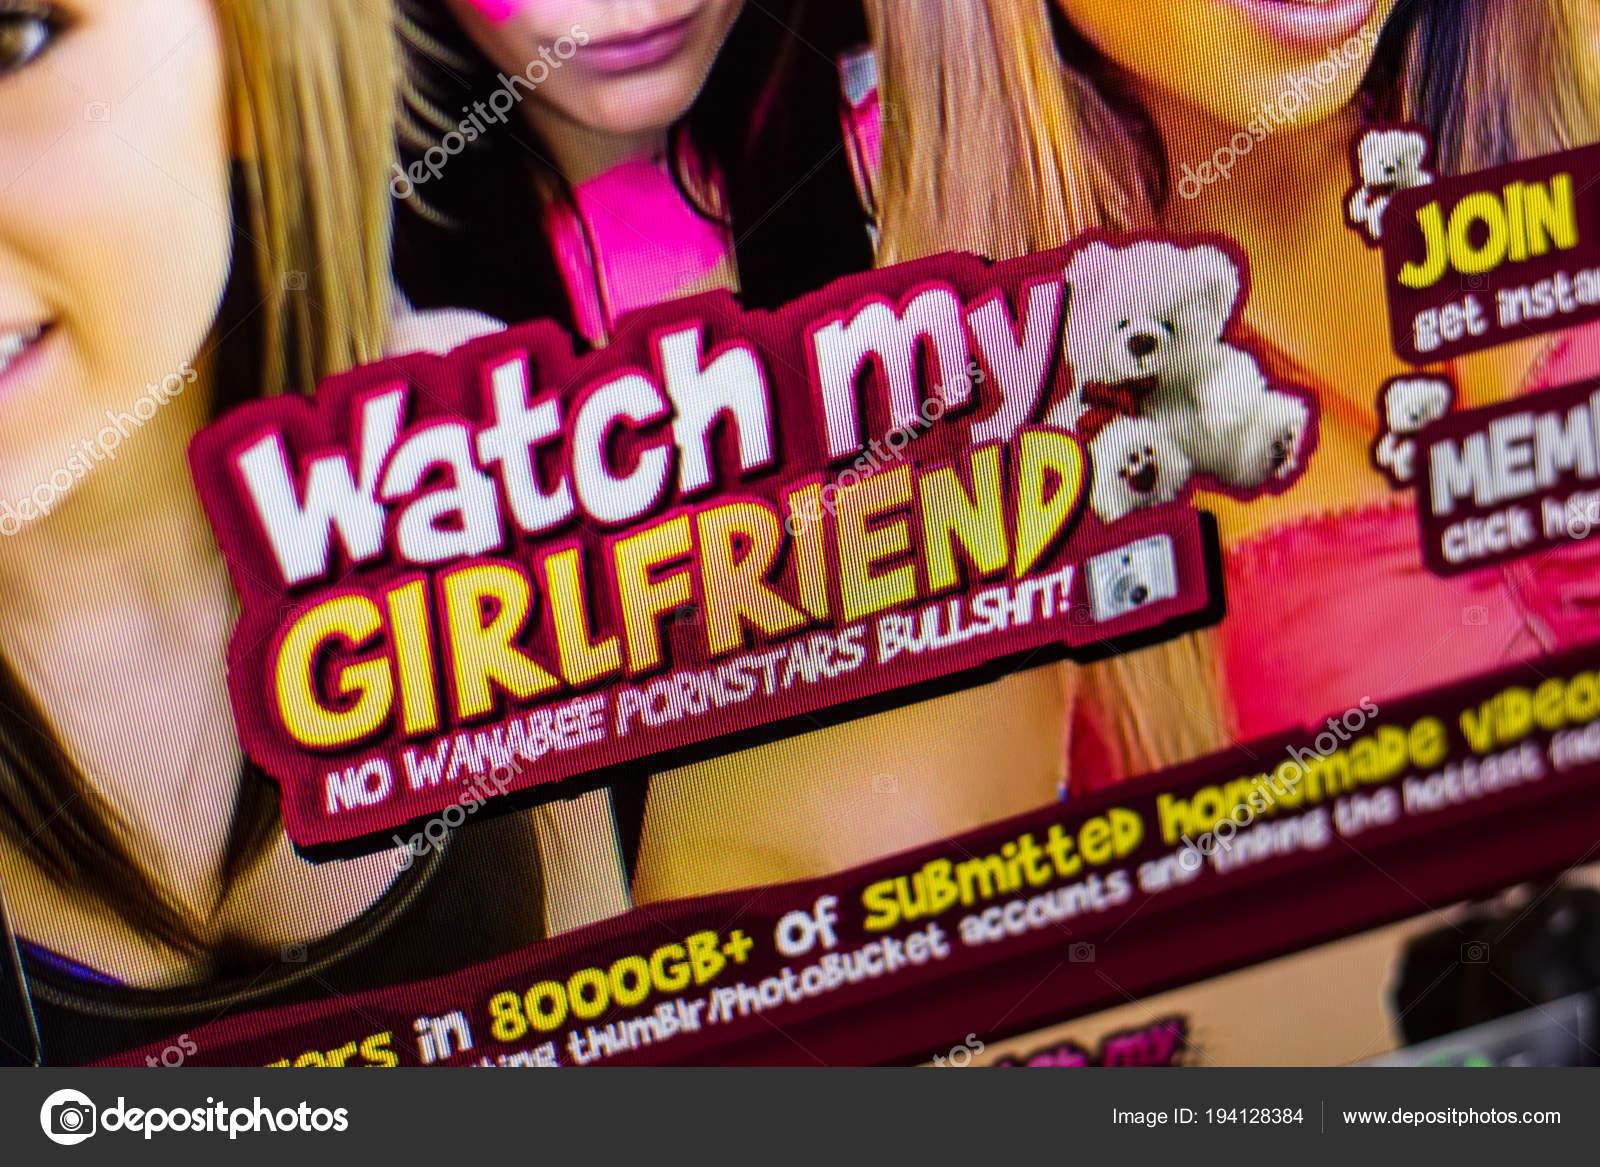 watchmygf com